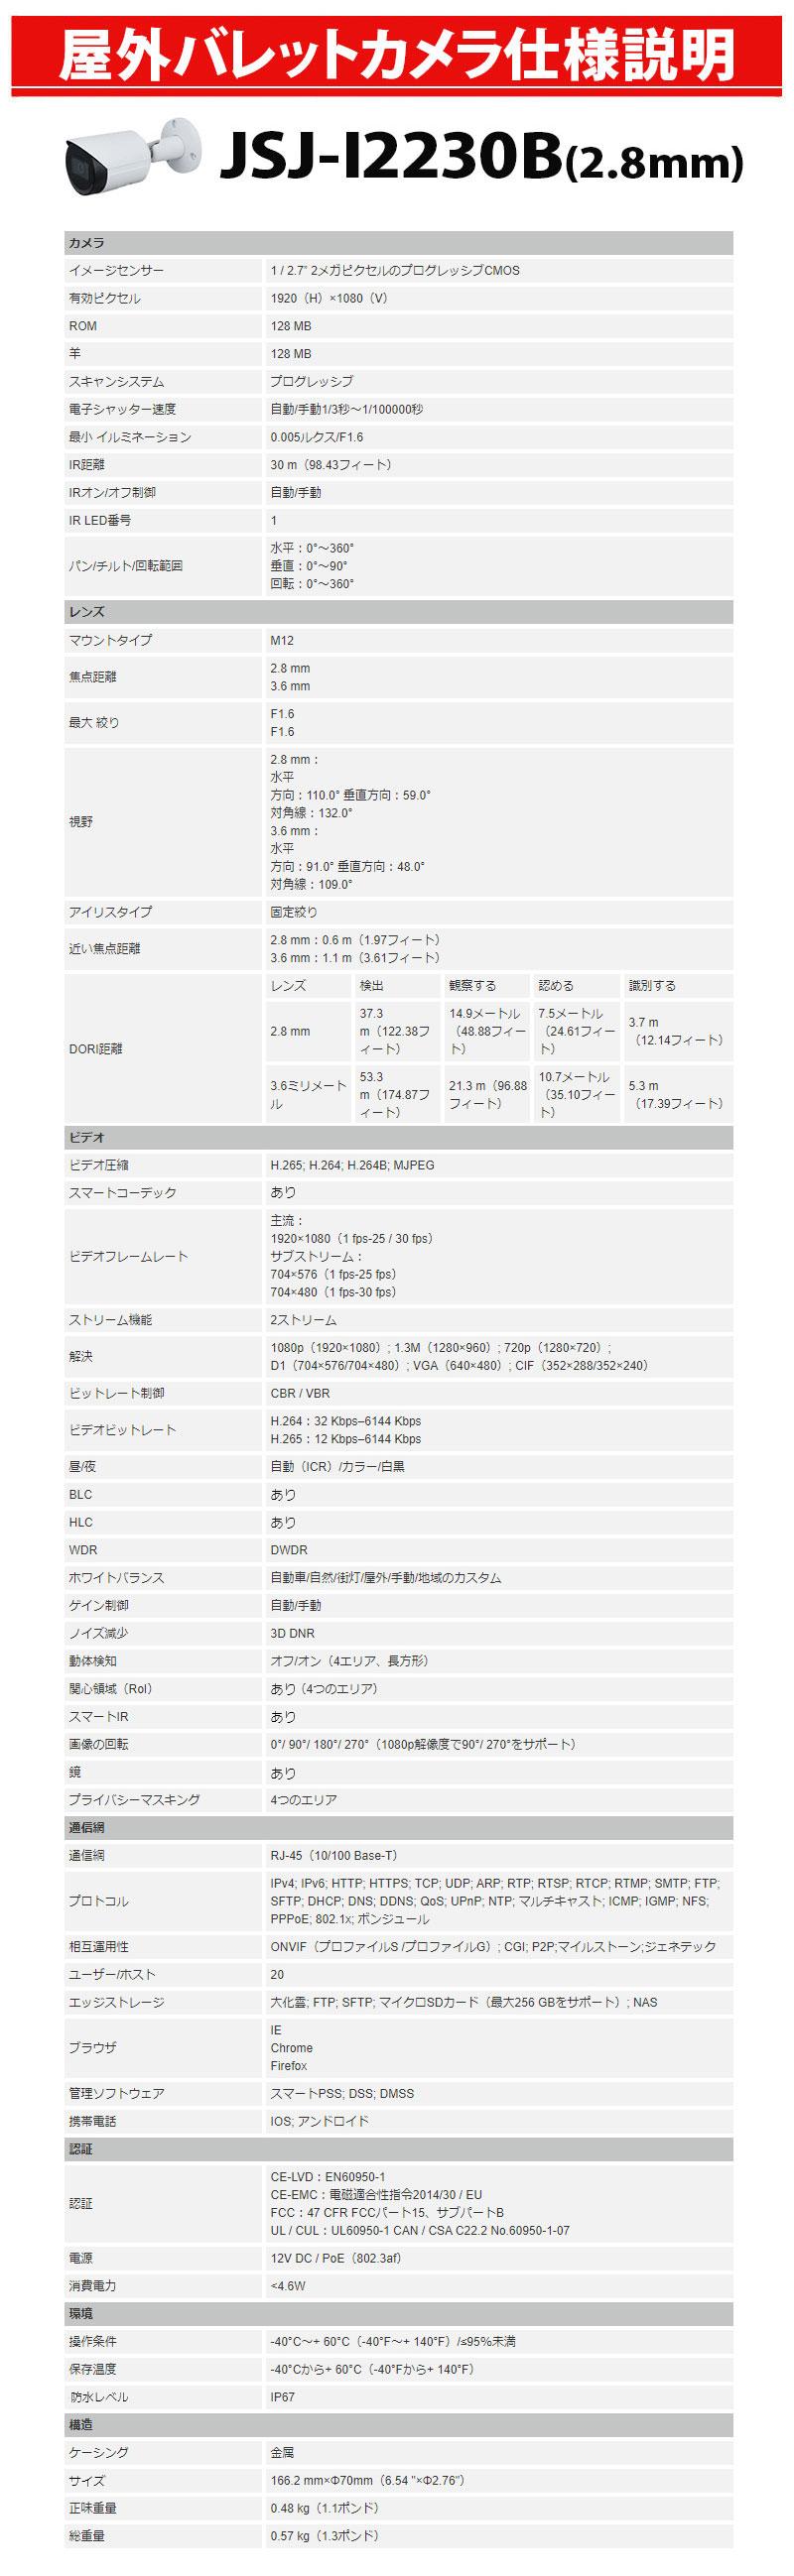 バレットカメラ仕様説明 JSJ-I2230B(2.8mm)